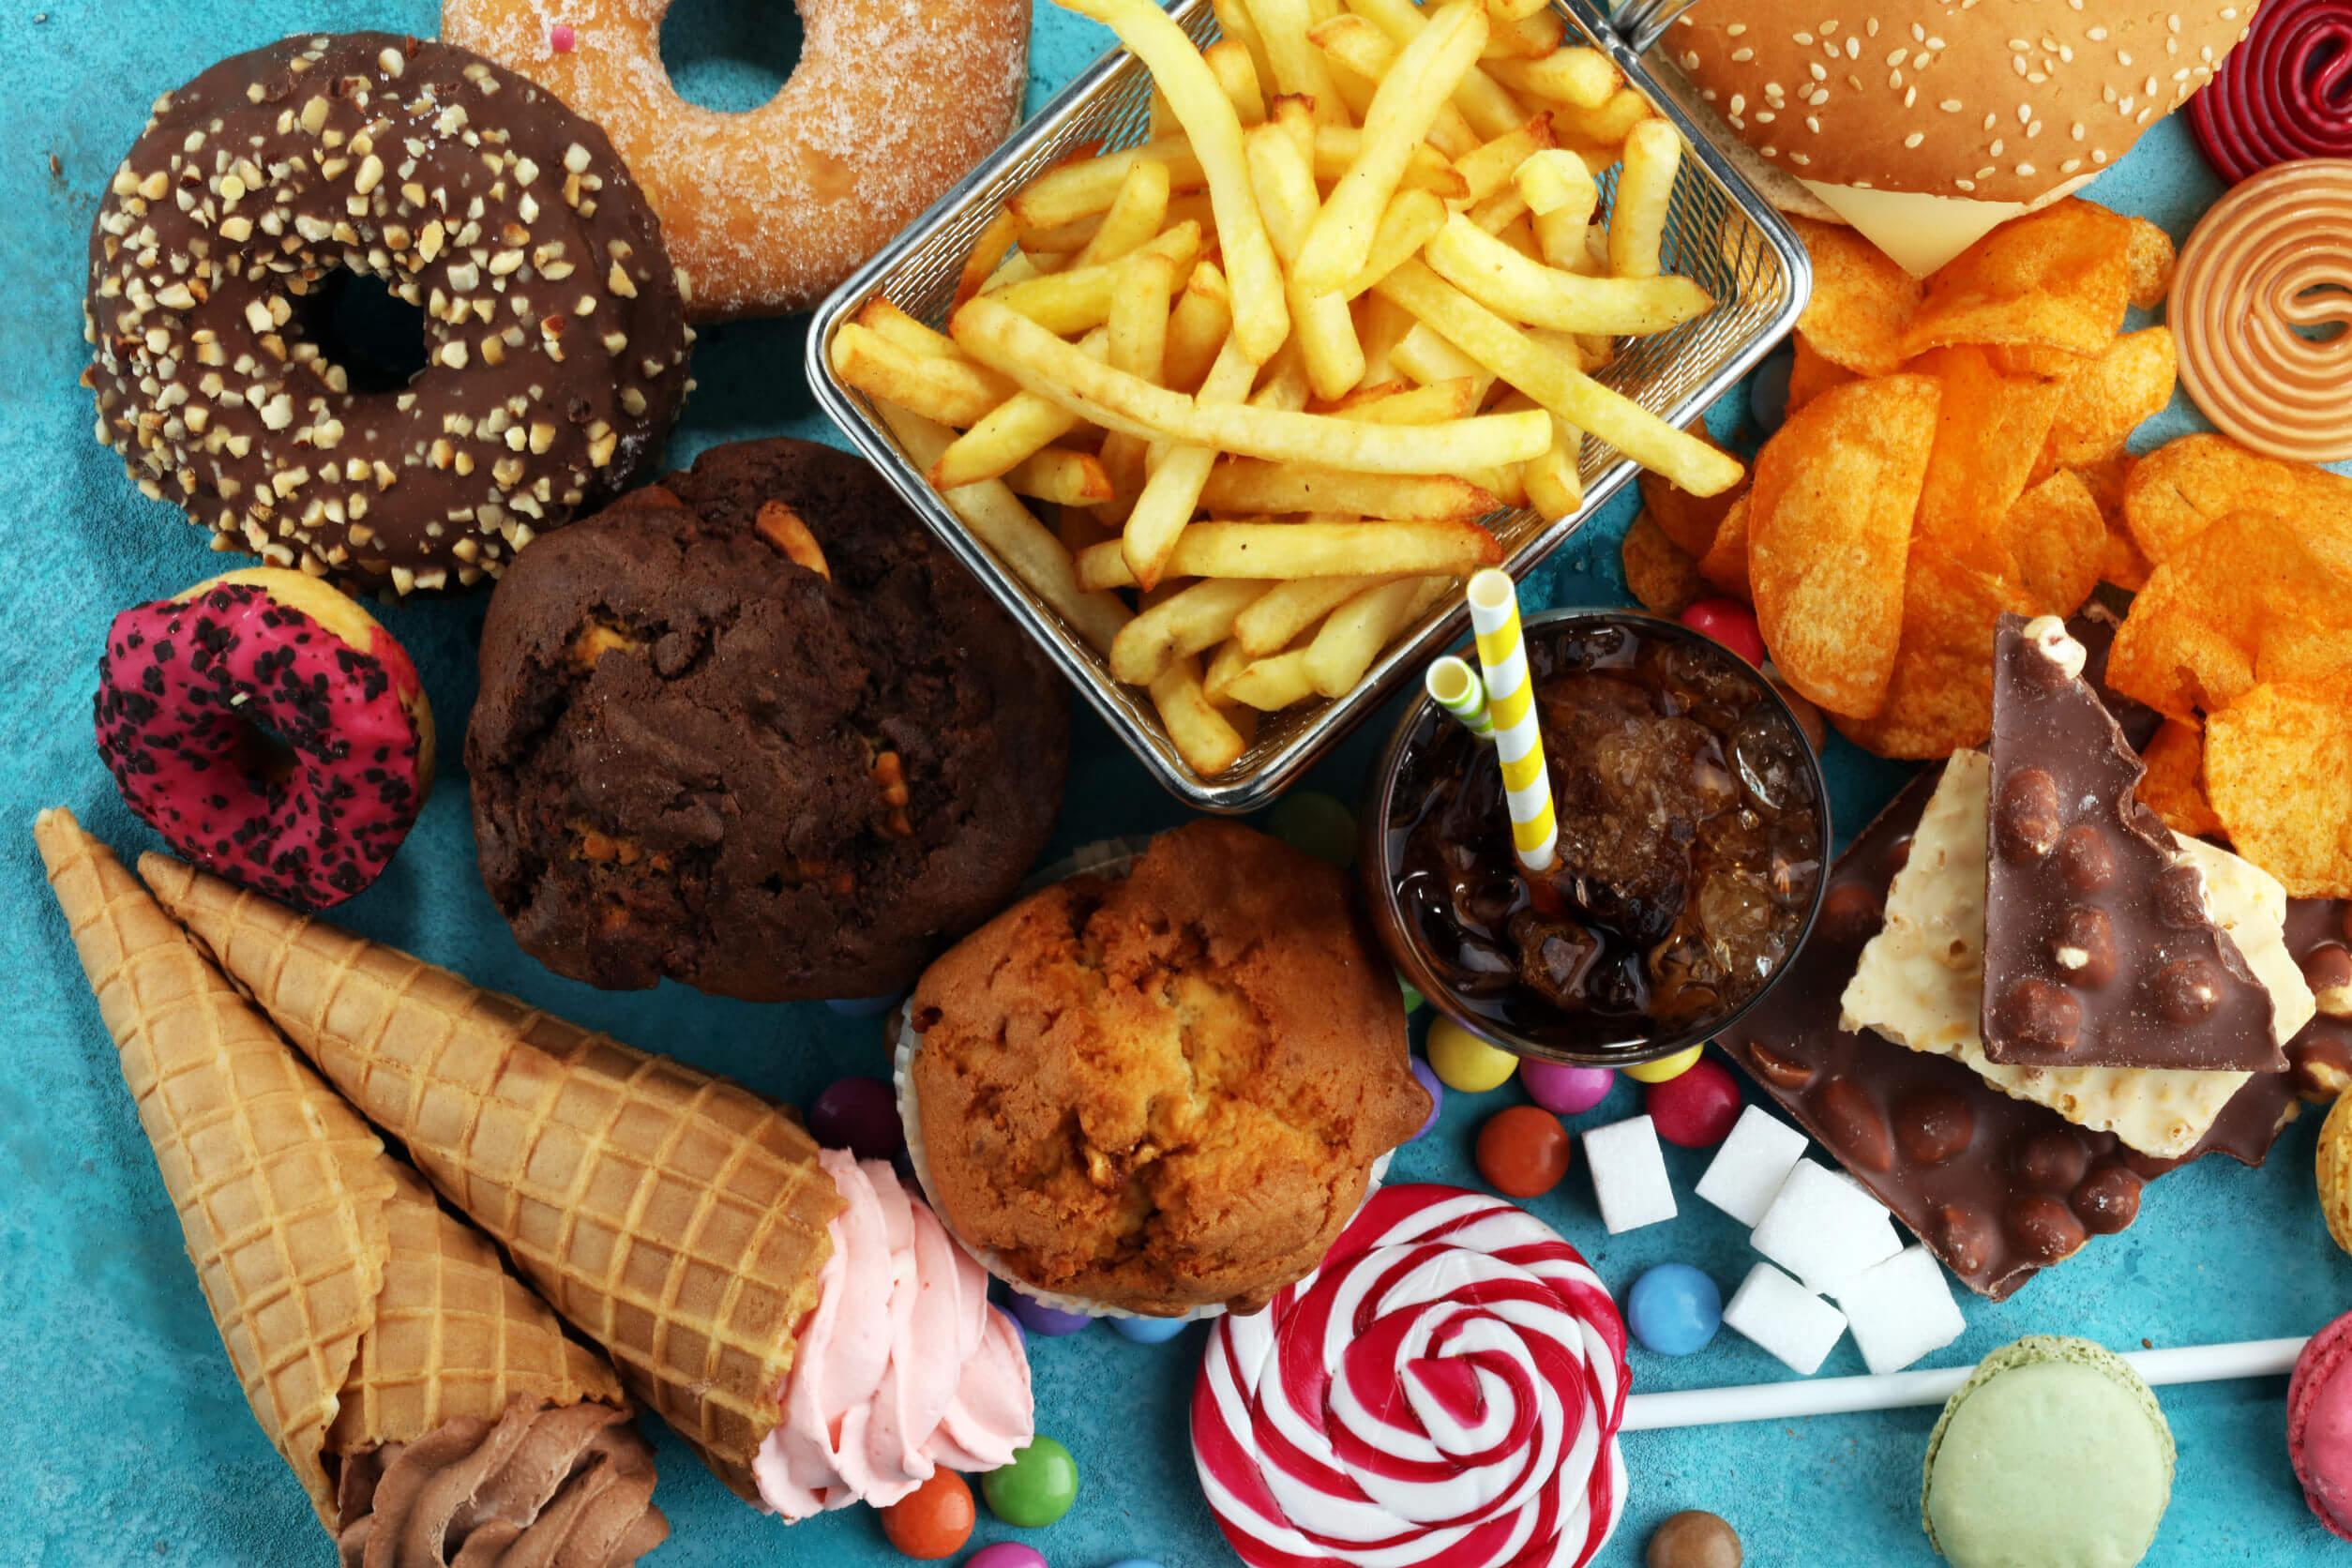 Para regular la glucosa hay que evitar comida procesada.